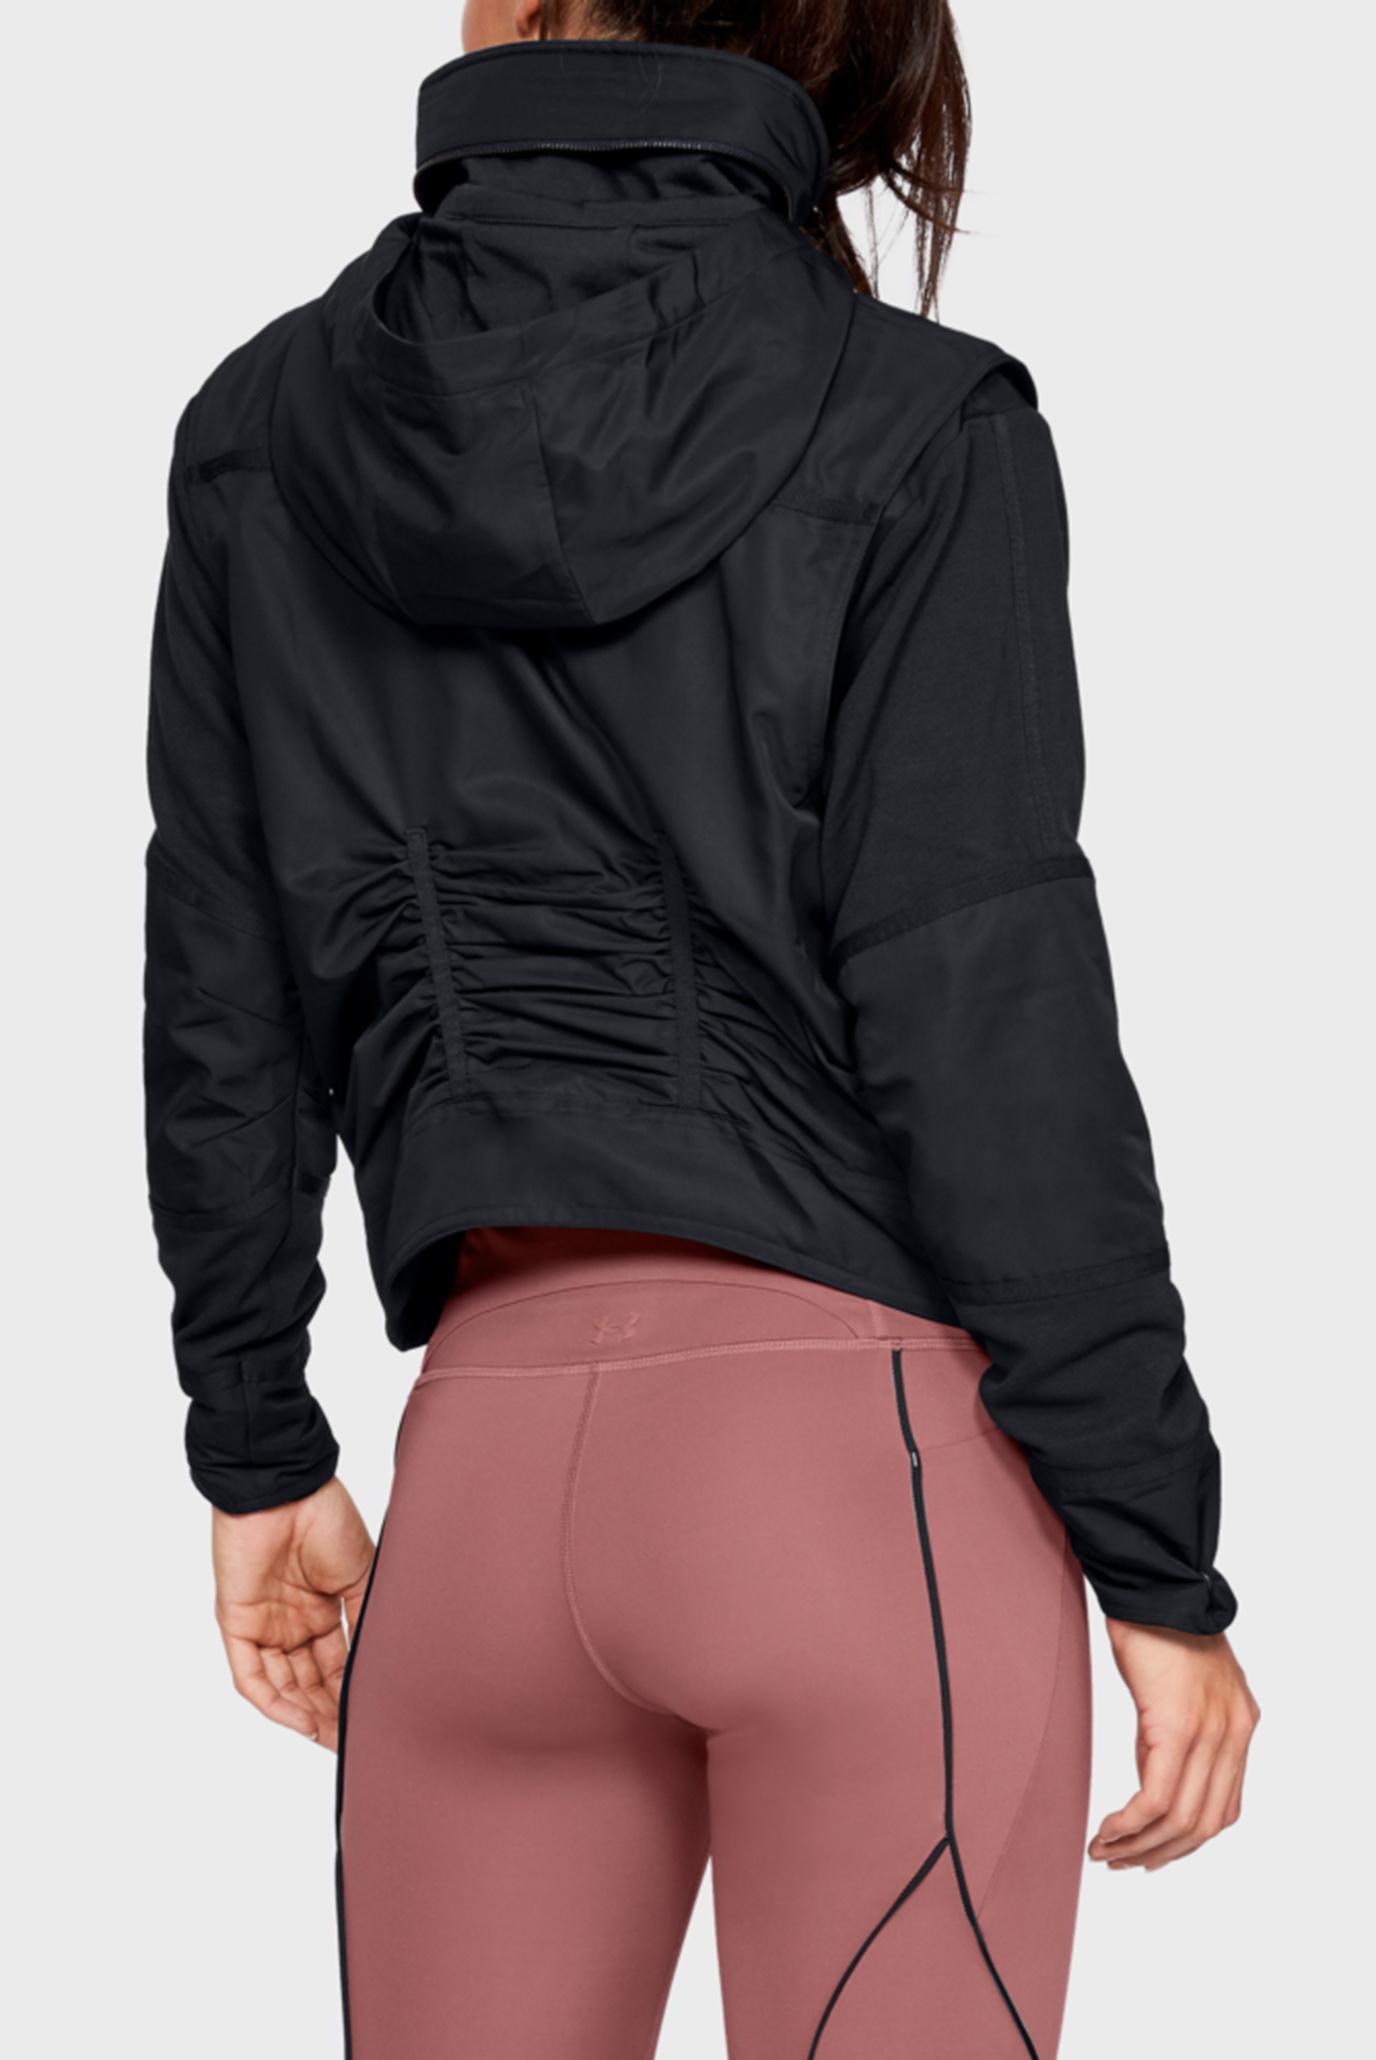 Купить Женская черная куртка Generation Under Armour Under Armour 1324307-001 – Киев, Украина. Цены в интернет магазине MD Fashion